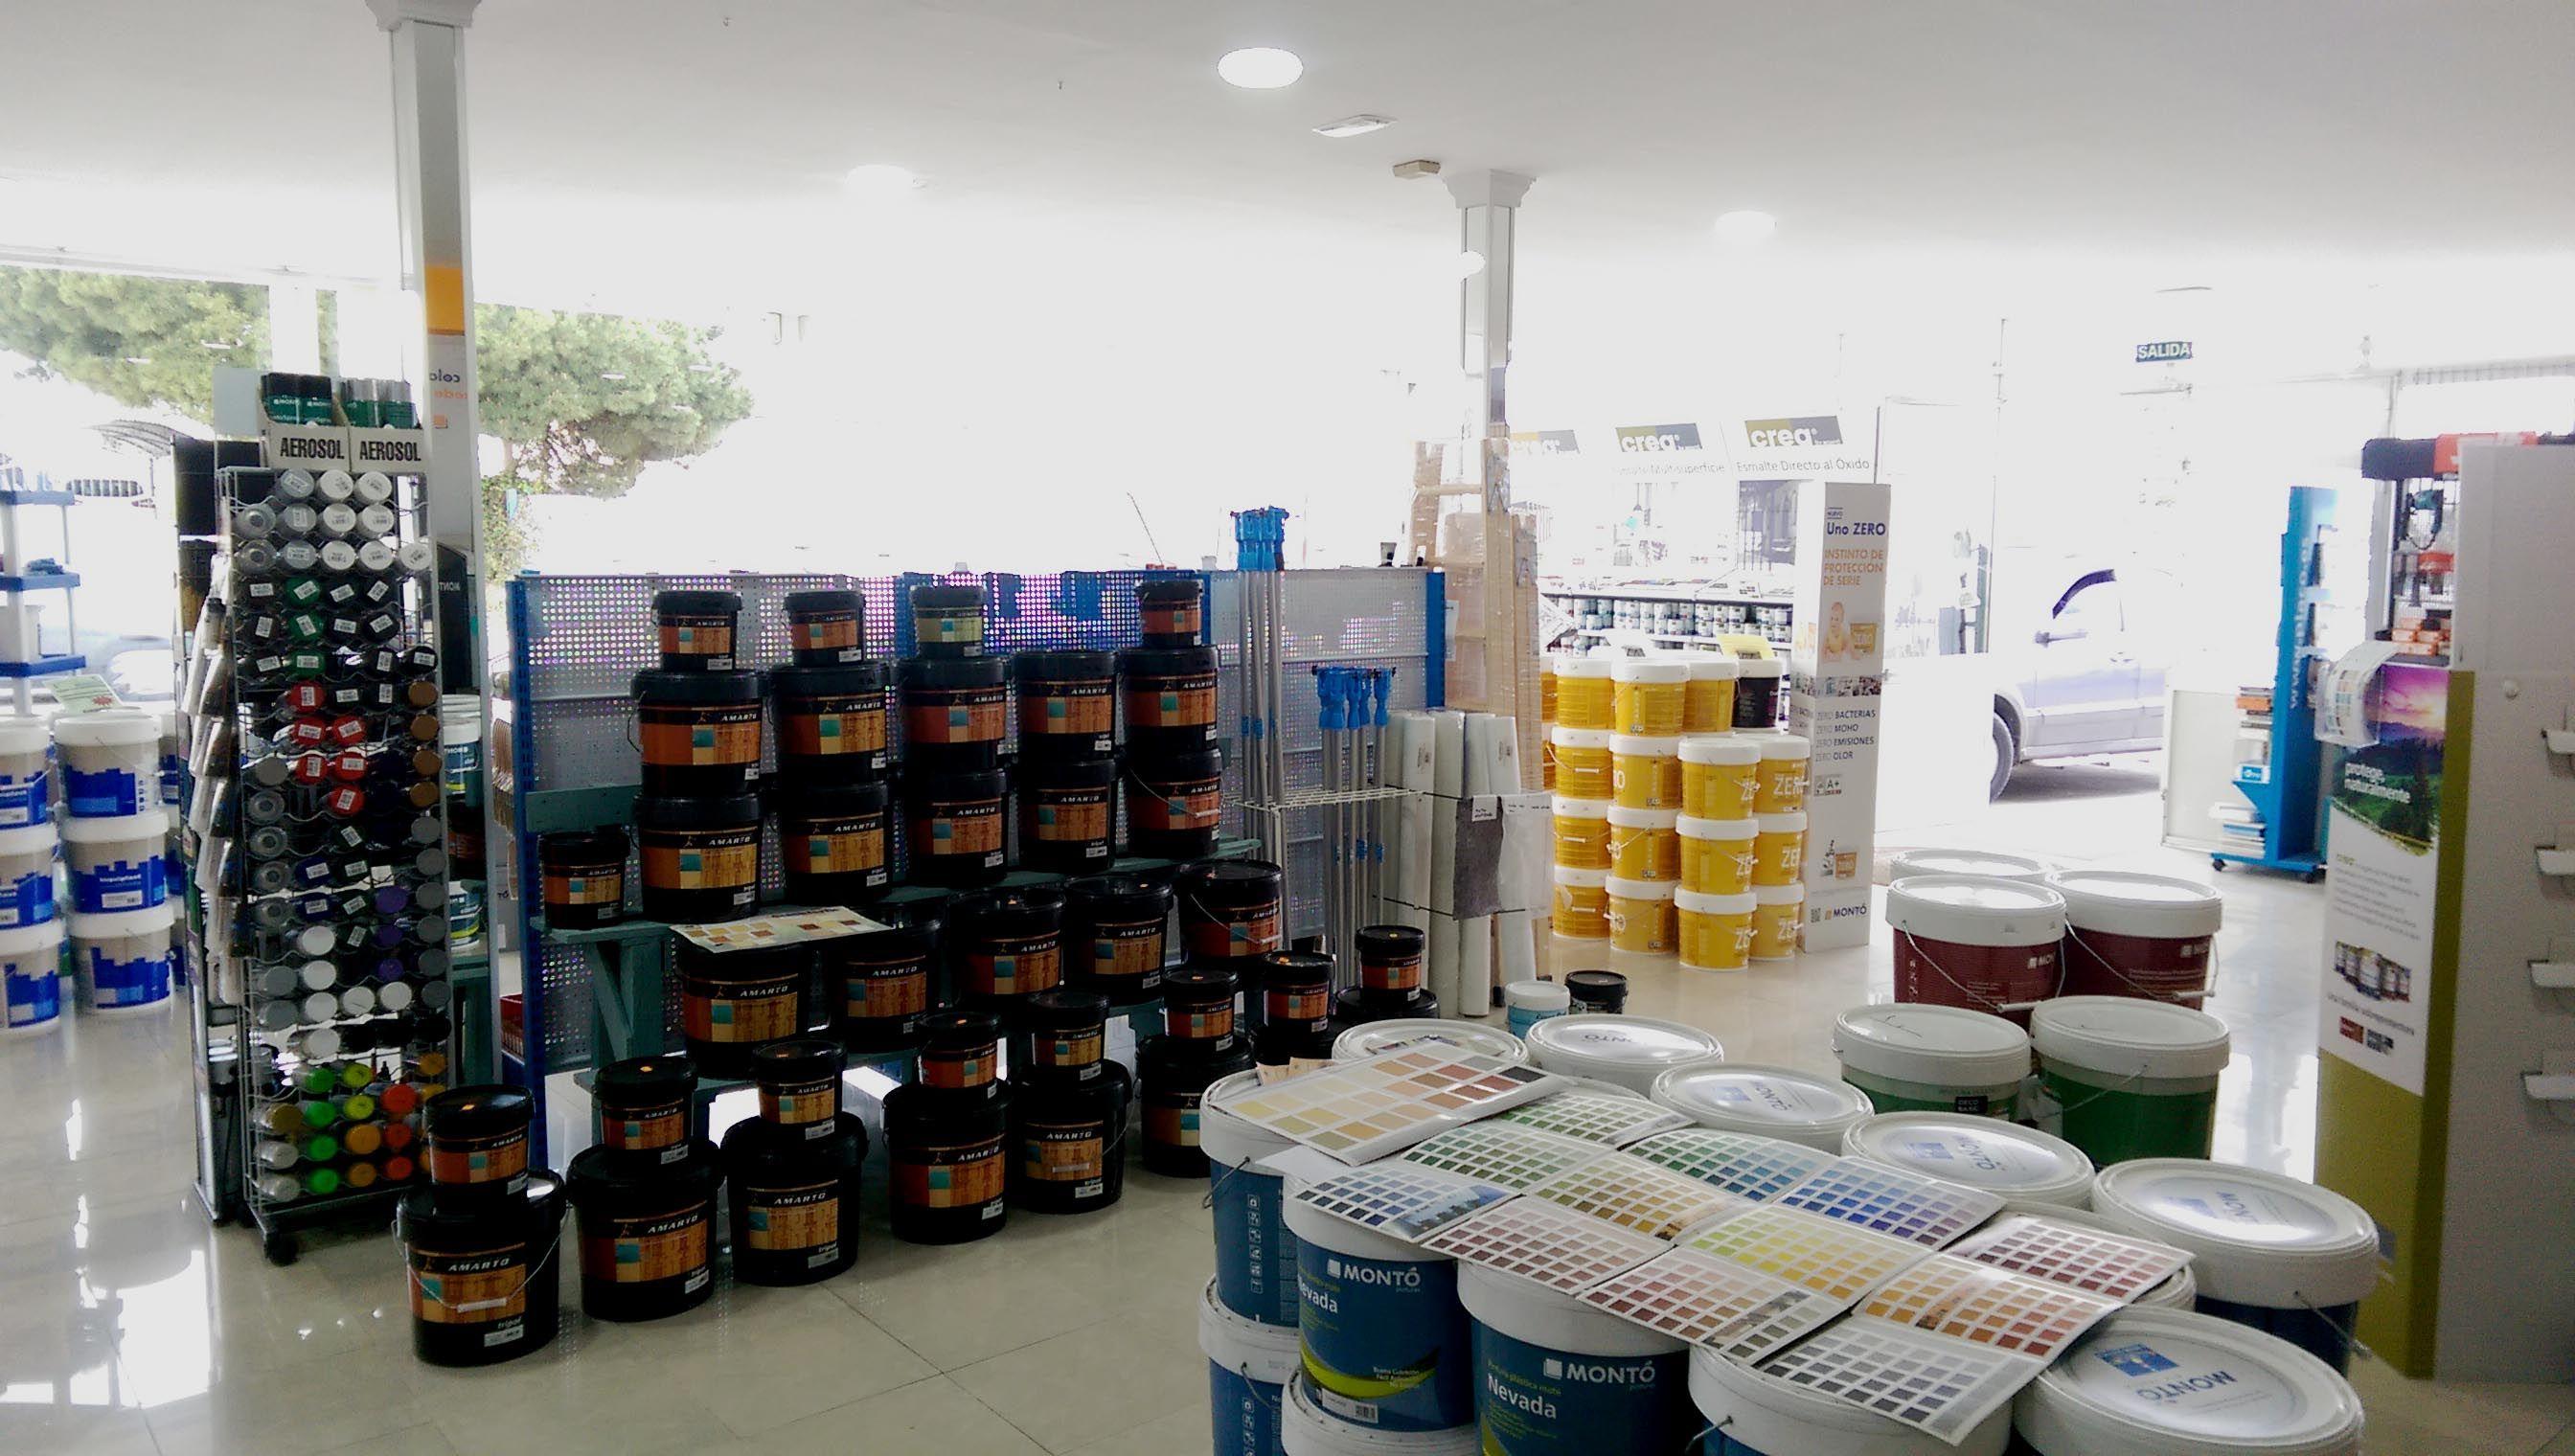 Pinturas impermeabilizantes, antioxidantes... en Sanlúcar de Barrameda